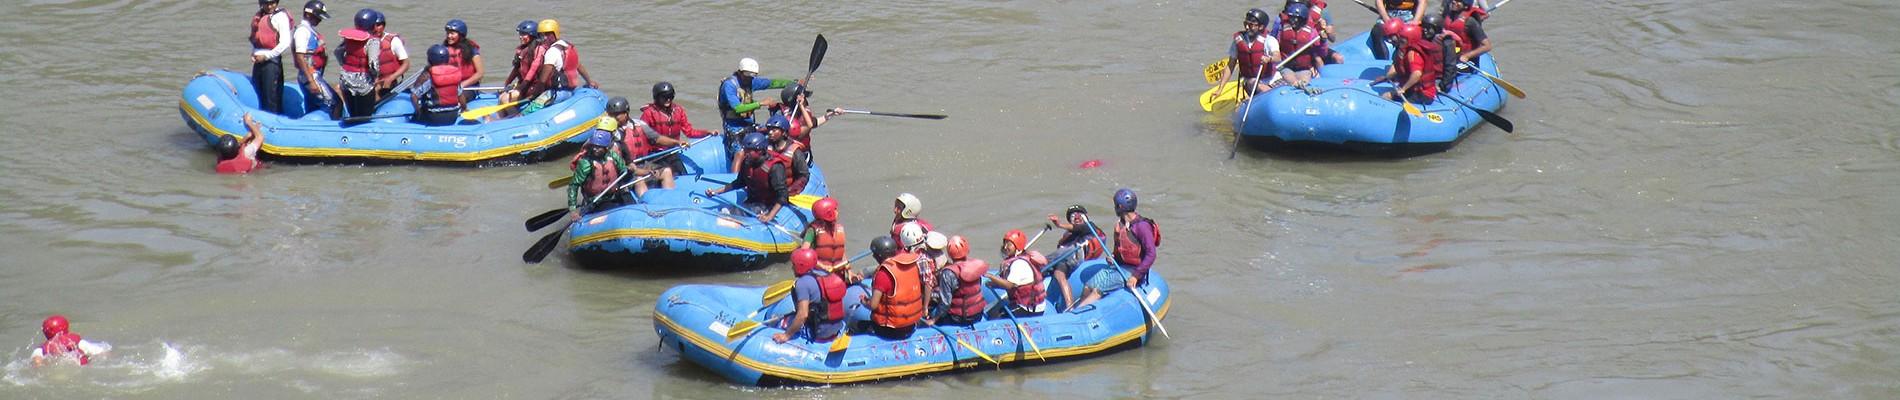 Nepal: Karnali River Rafting